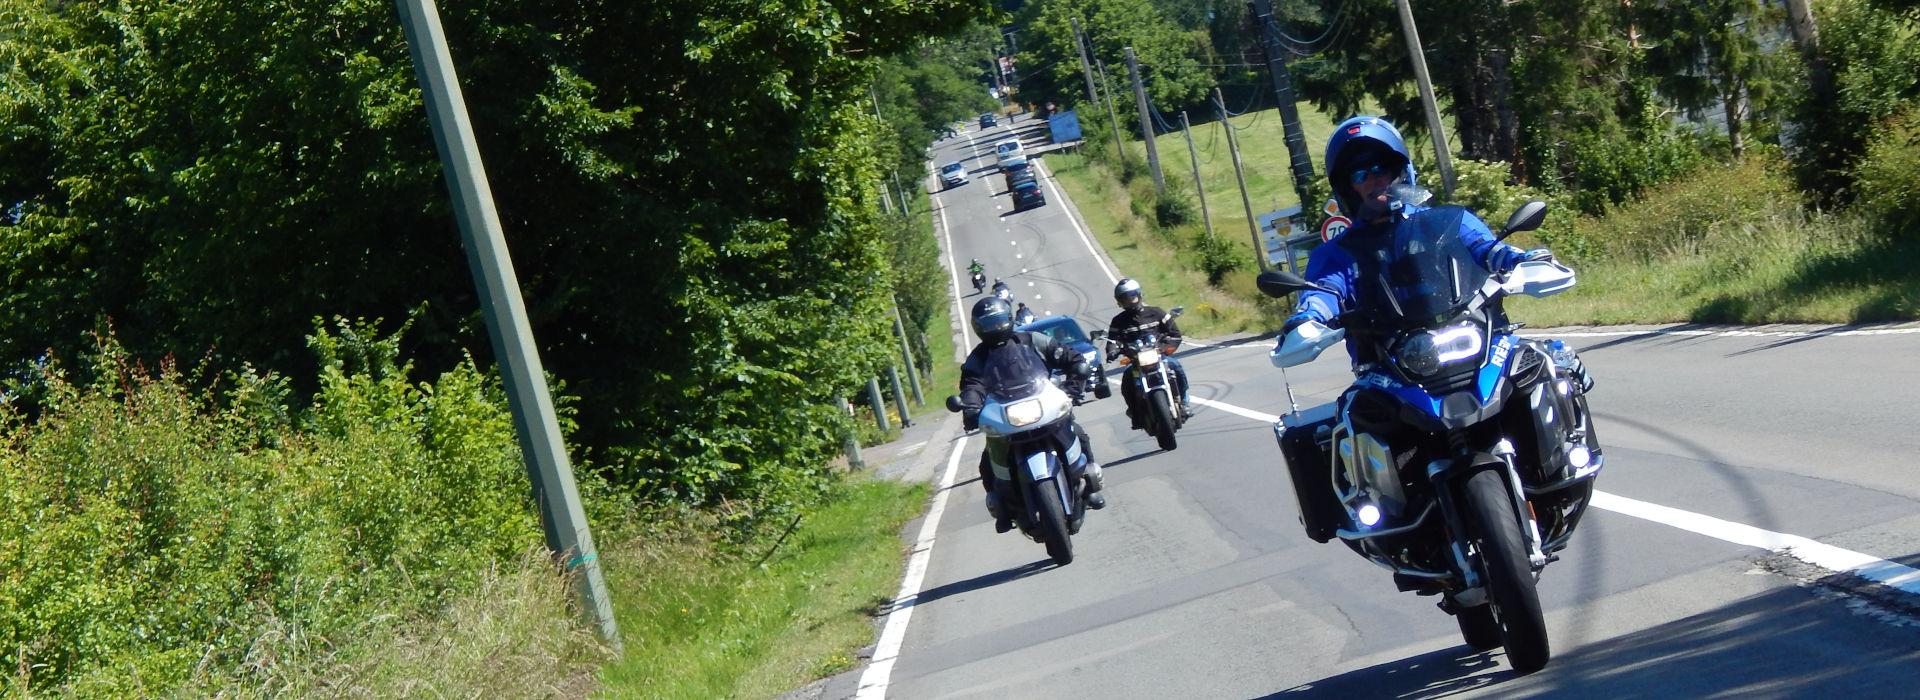 Motorrijbewijspoint Kelpen-Oler spoed motorrijbewijs